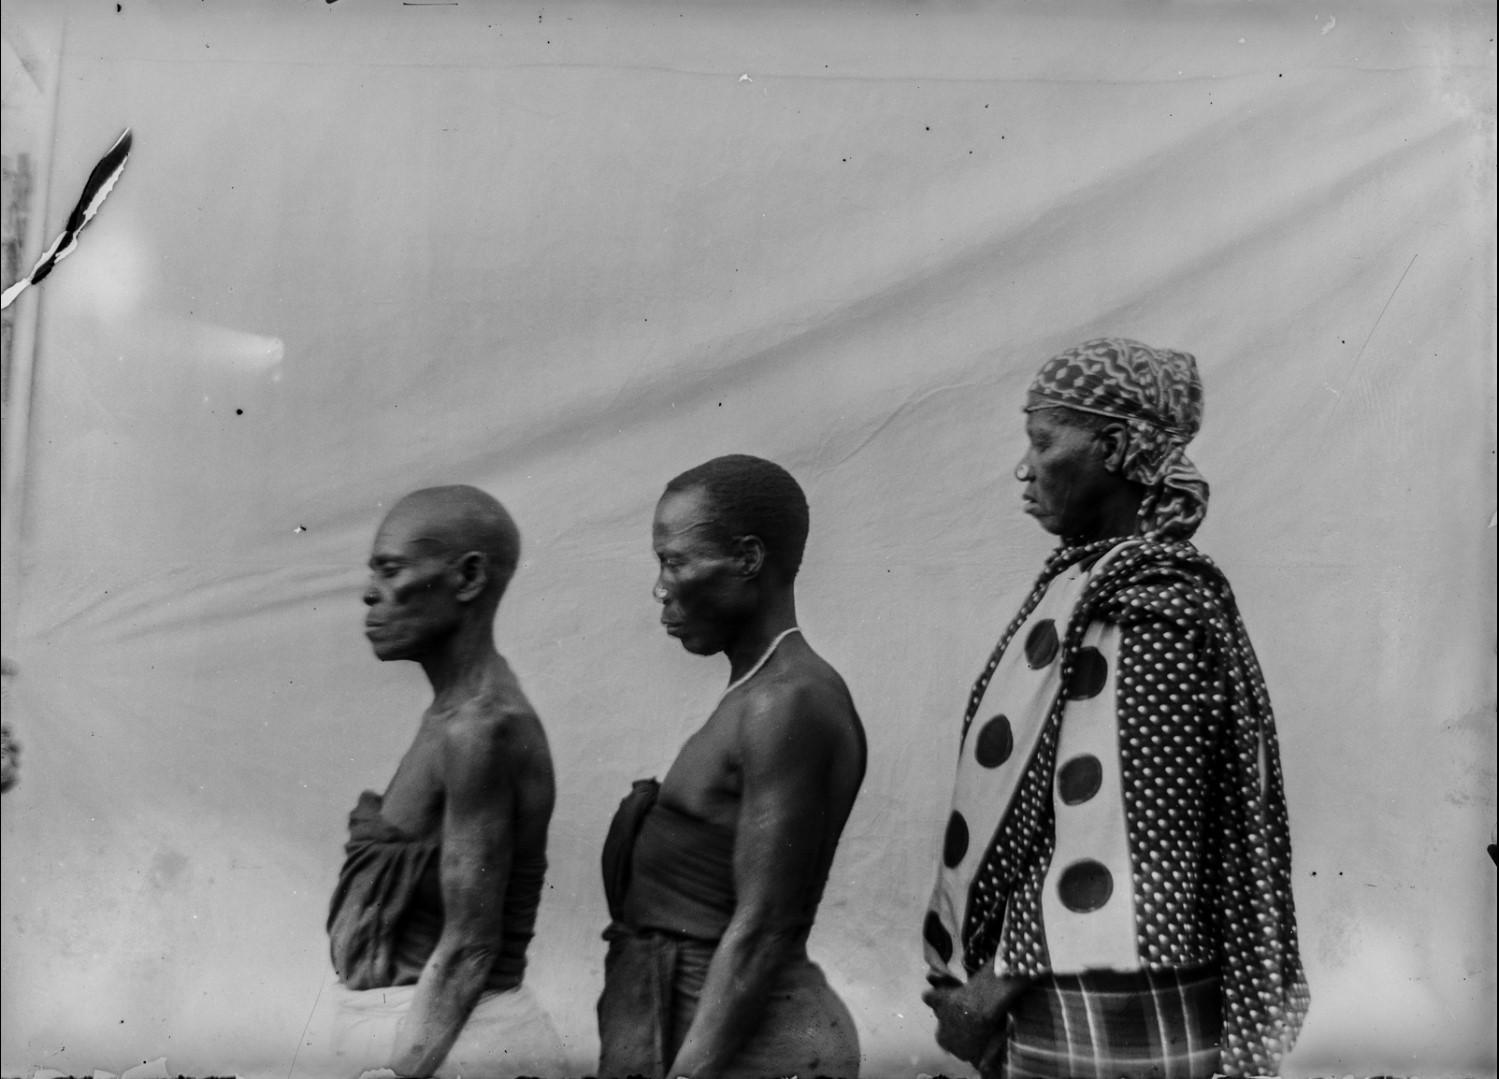 112. Антропометрическое изображение трех  человек Ньясы.jpg